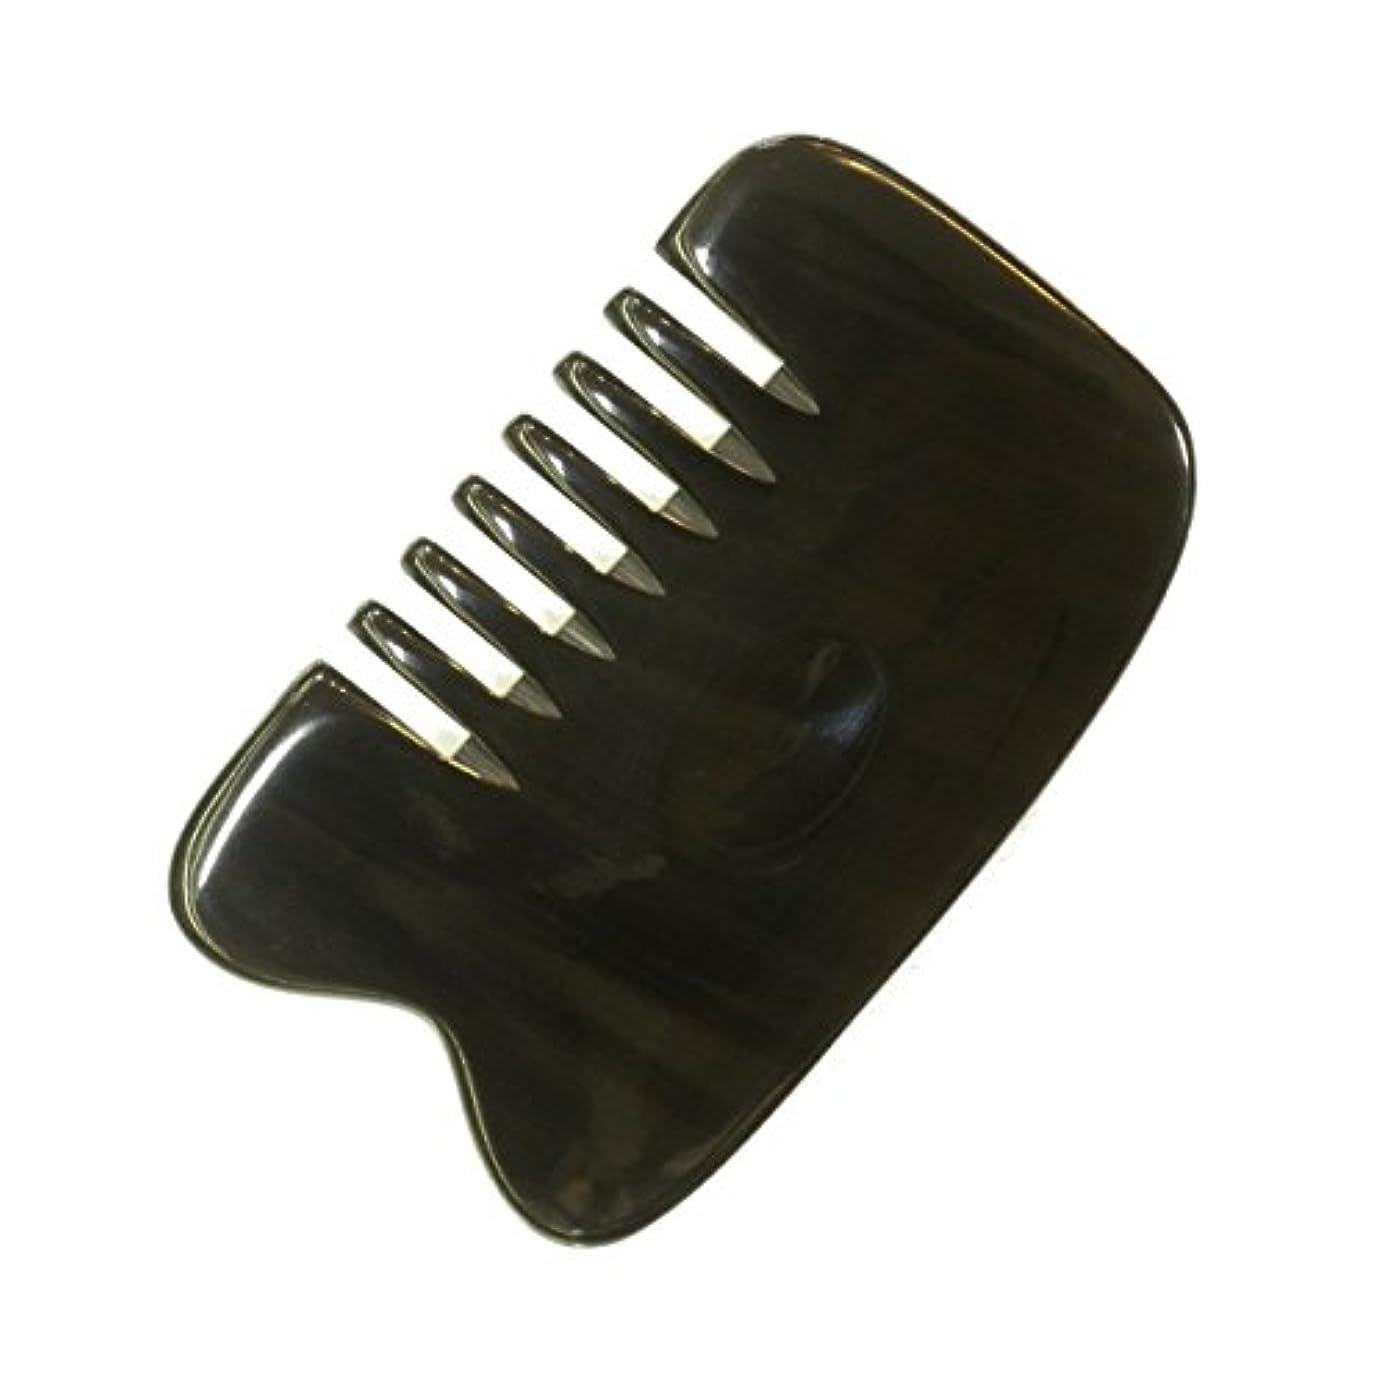 ペグ名声言い聞かせるかっさ プレート 厚さが選べる 水牛の角(黒水牛角) EHE221SP 櫛型 特級品 少し厚め(7ミリ程度)